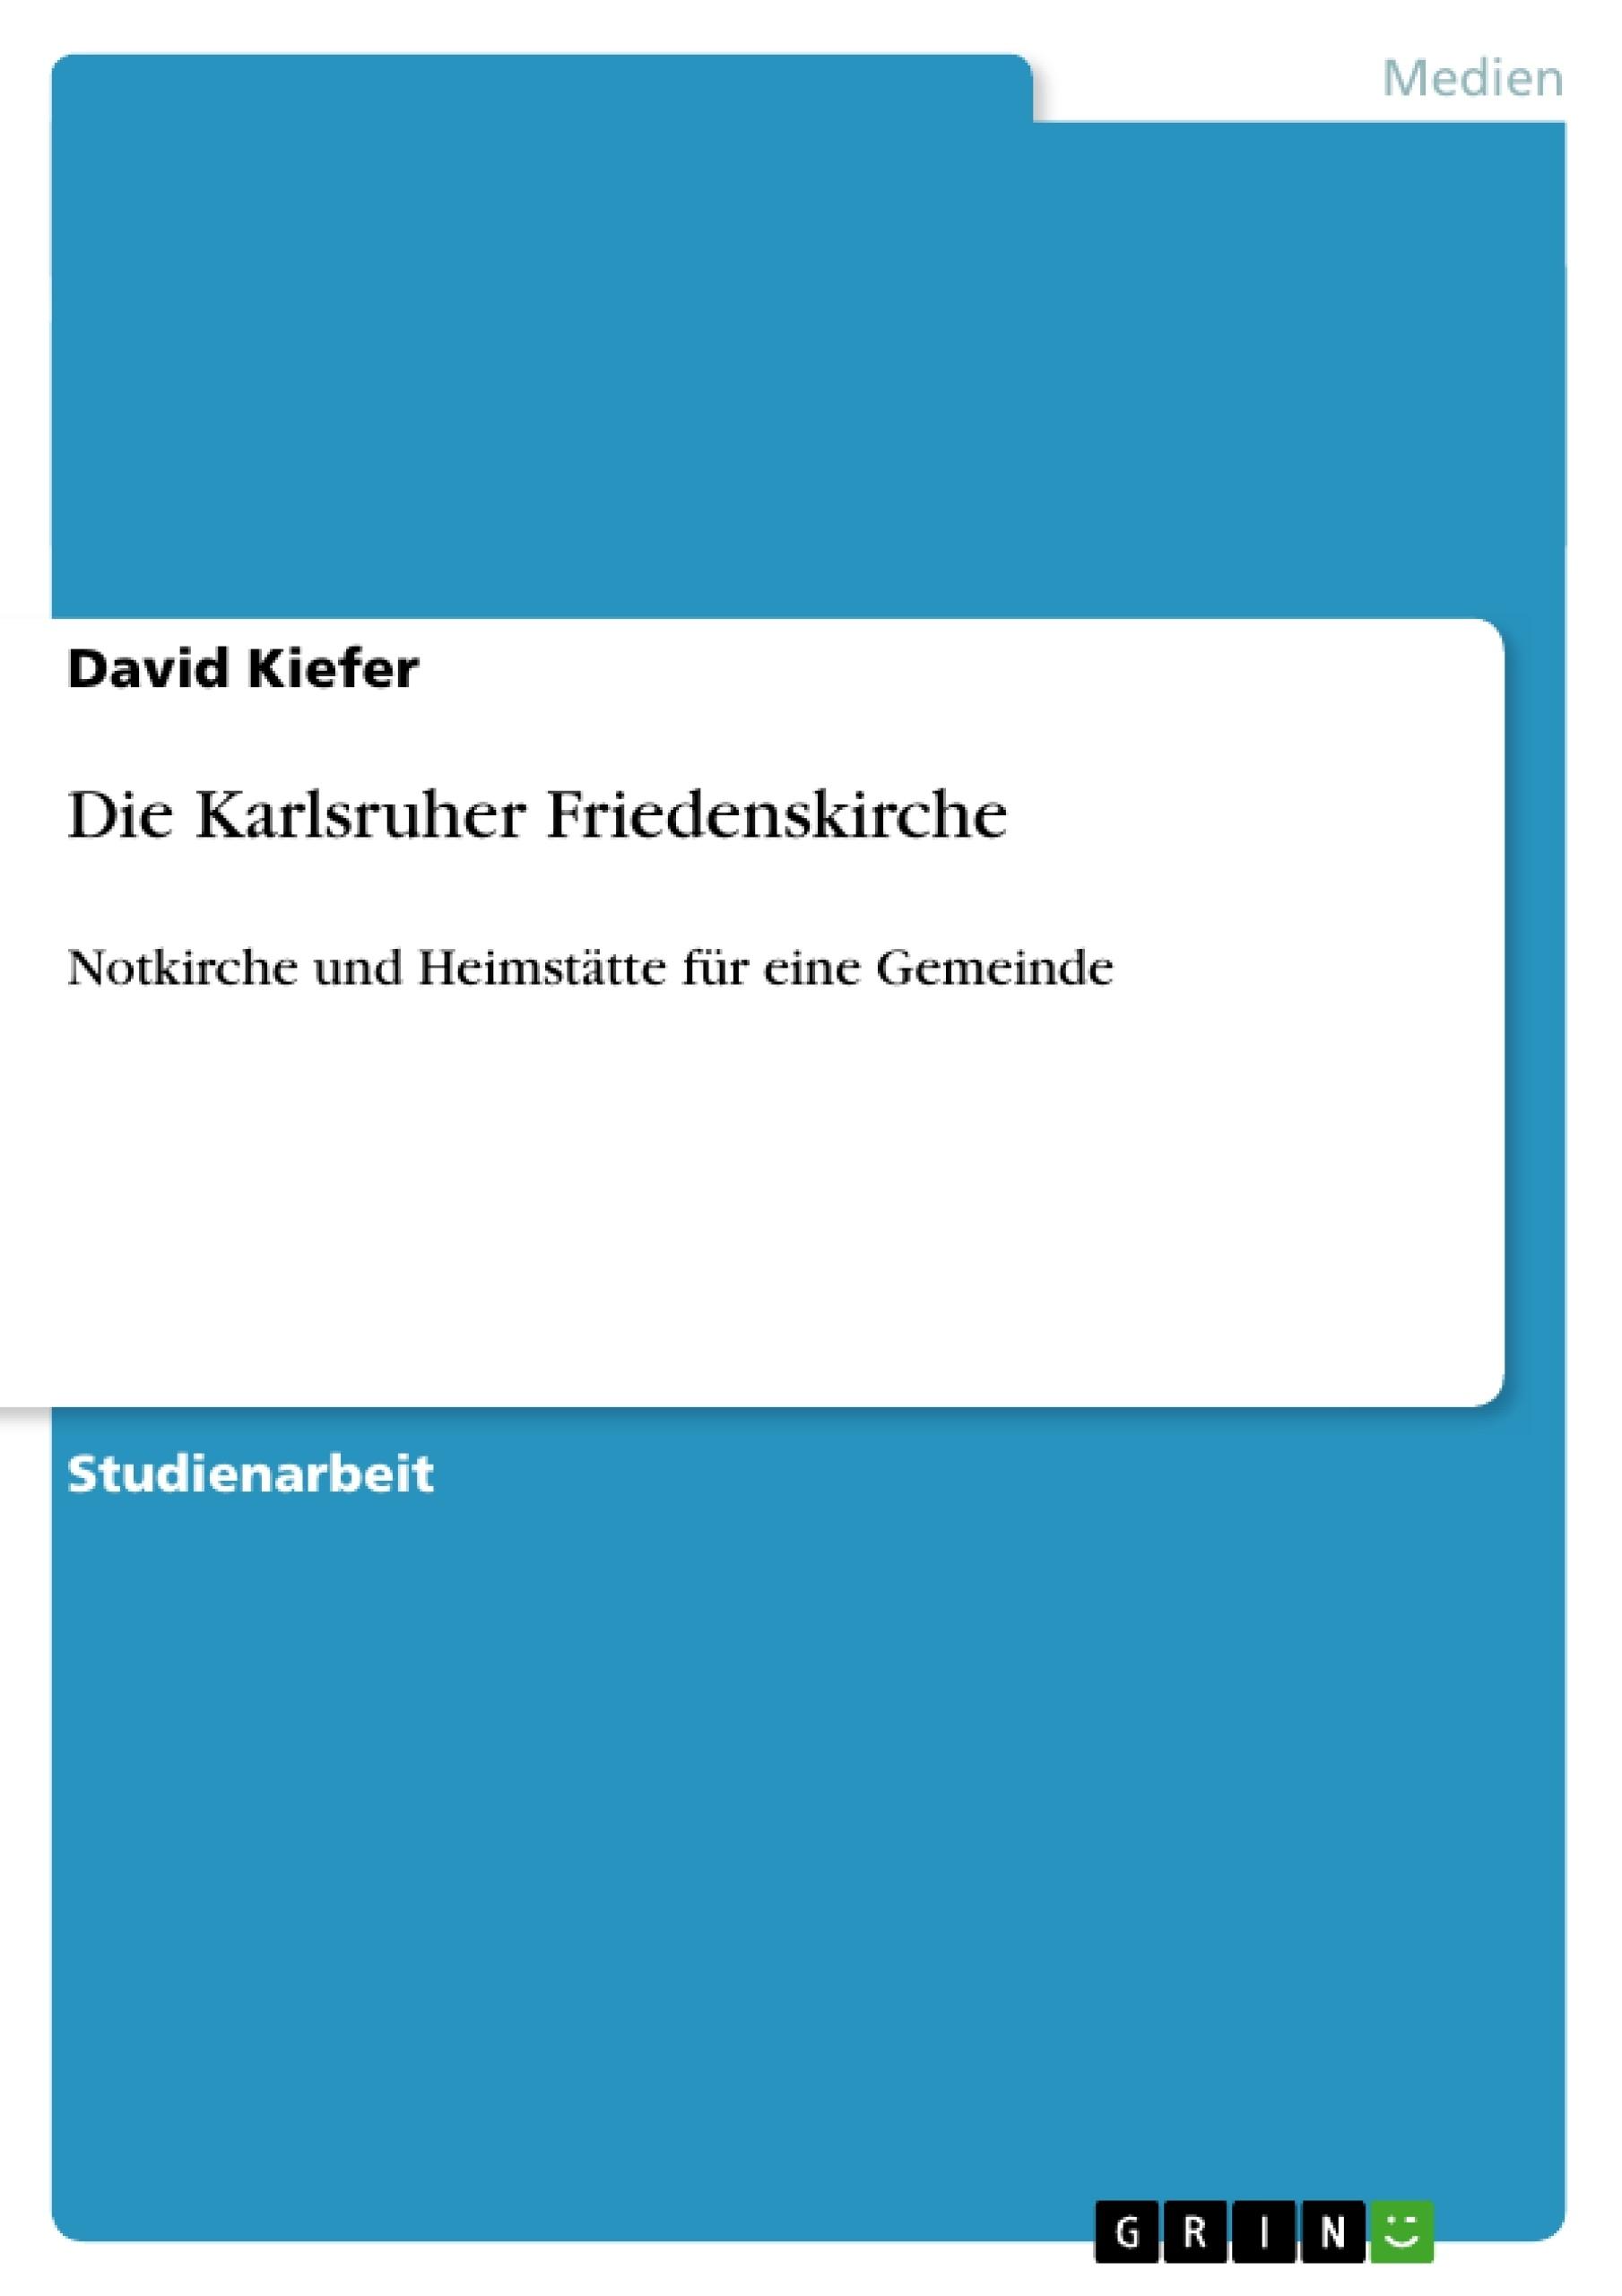 Titel: Die Karlsruher Friedenskirche